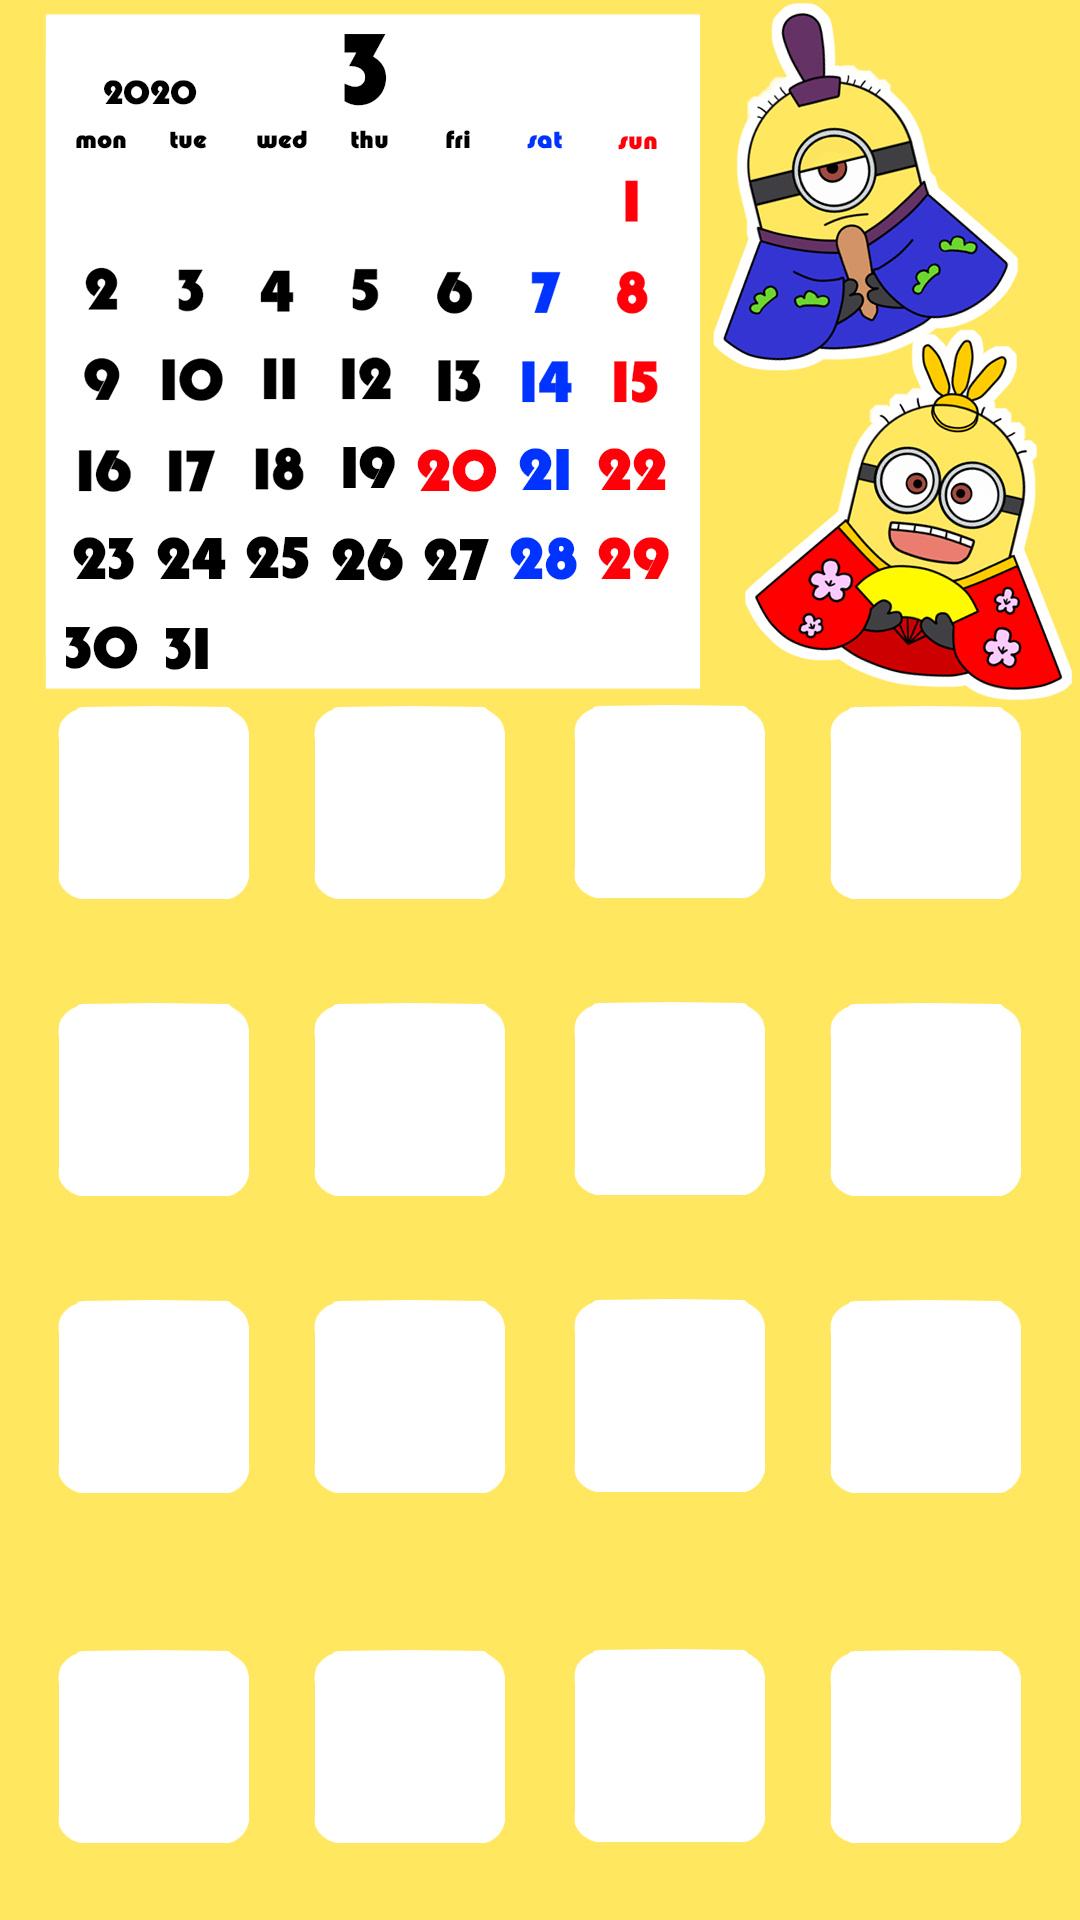 ミニオンズ 待ち受けカレンダー 2020年3月 iPhone用 月曜始まり